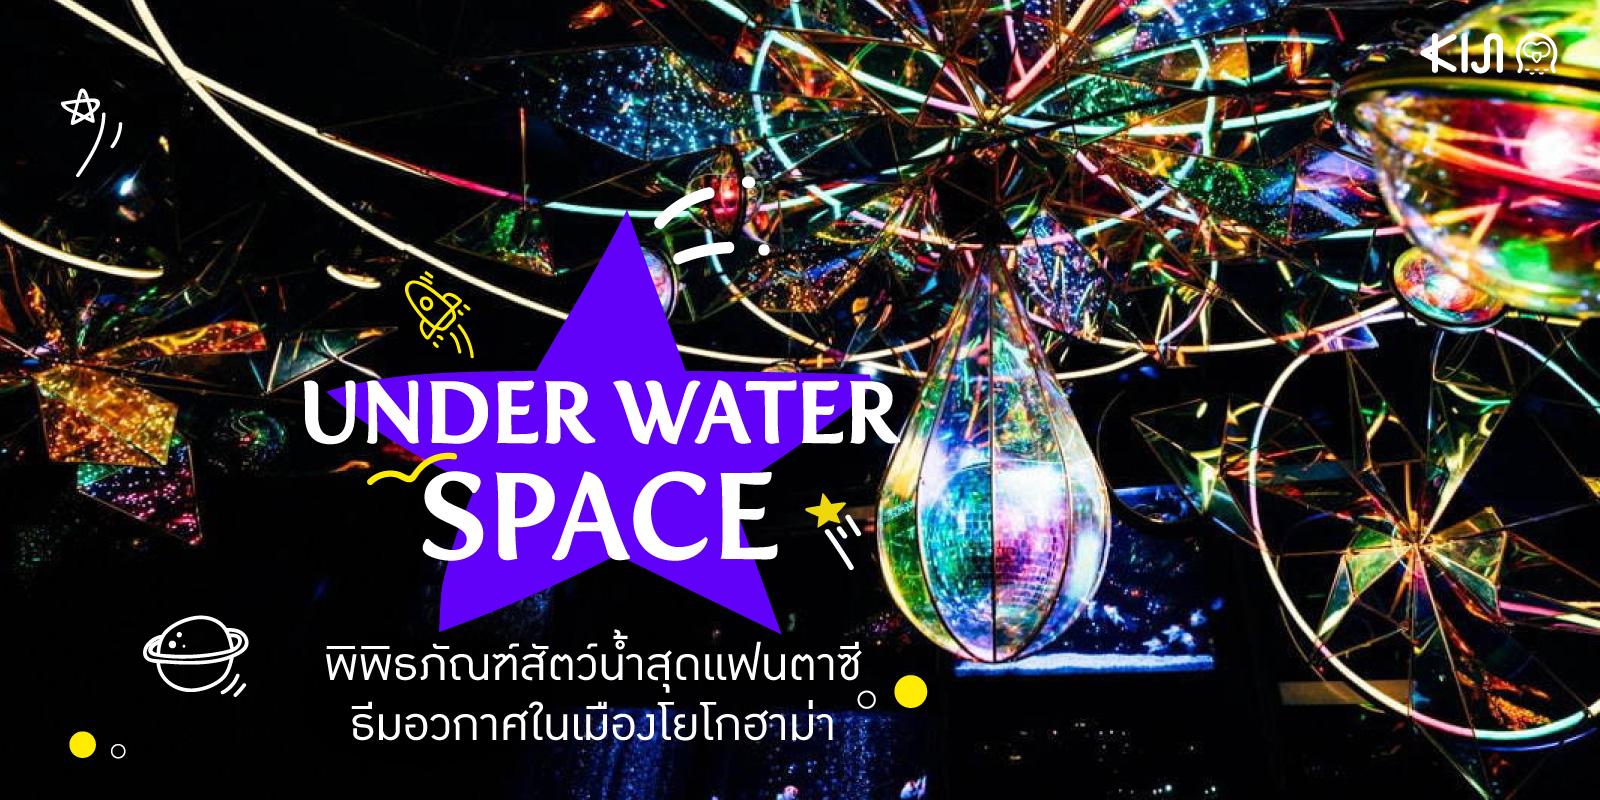 Aquarium Space Travel UNDER WATER SPACE ที่เมืองโยโกฮาม่า จ.คานางาวะ